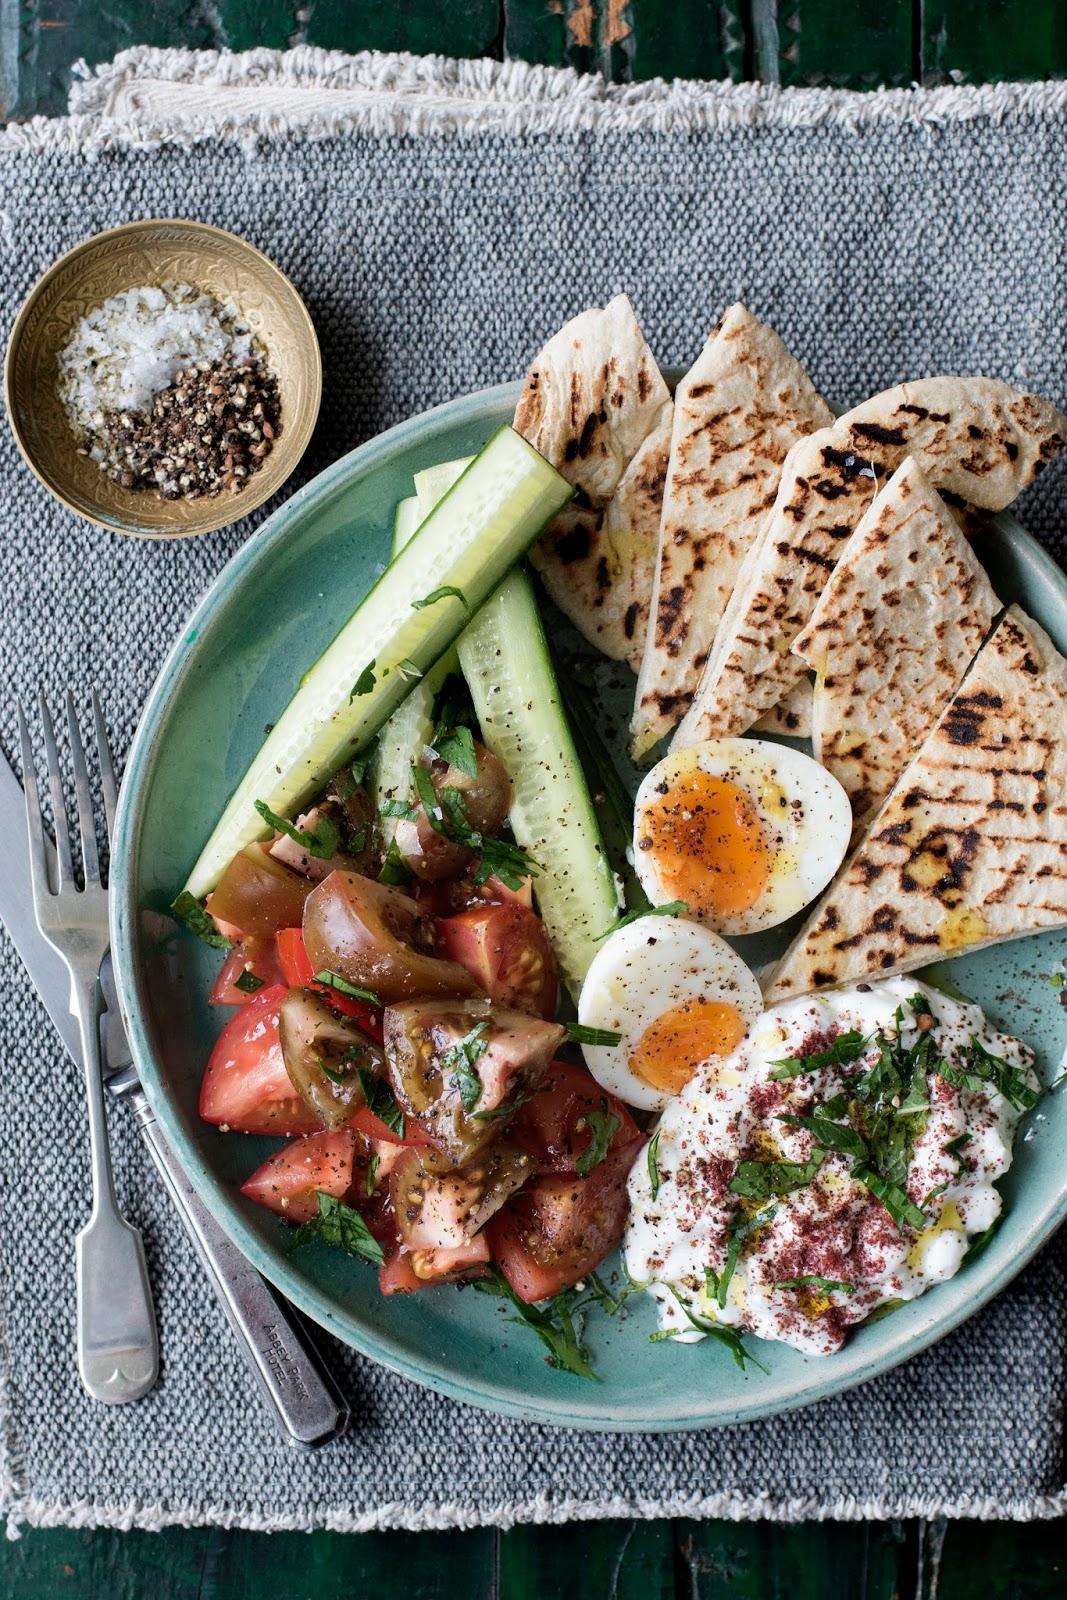 Lebanese Breakfast: Also A Tasty Brunch Recipe